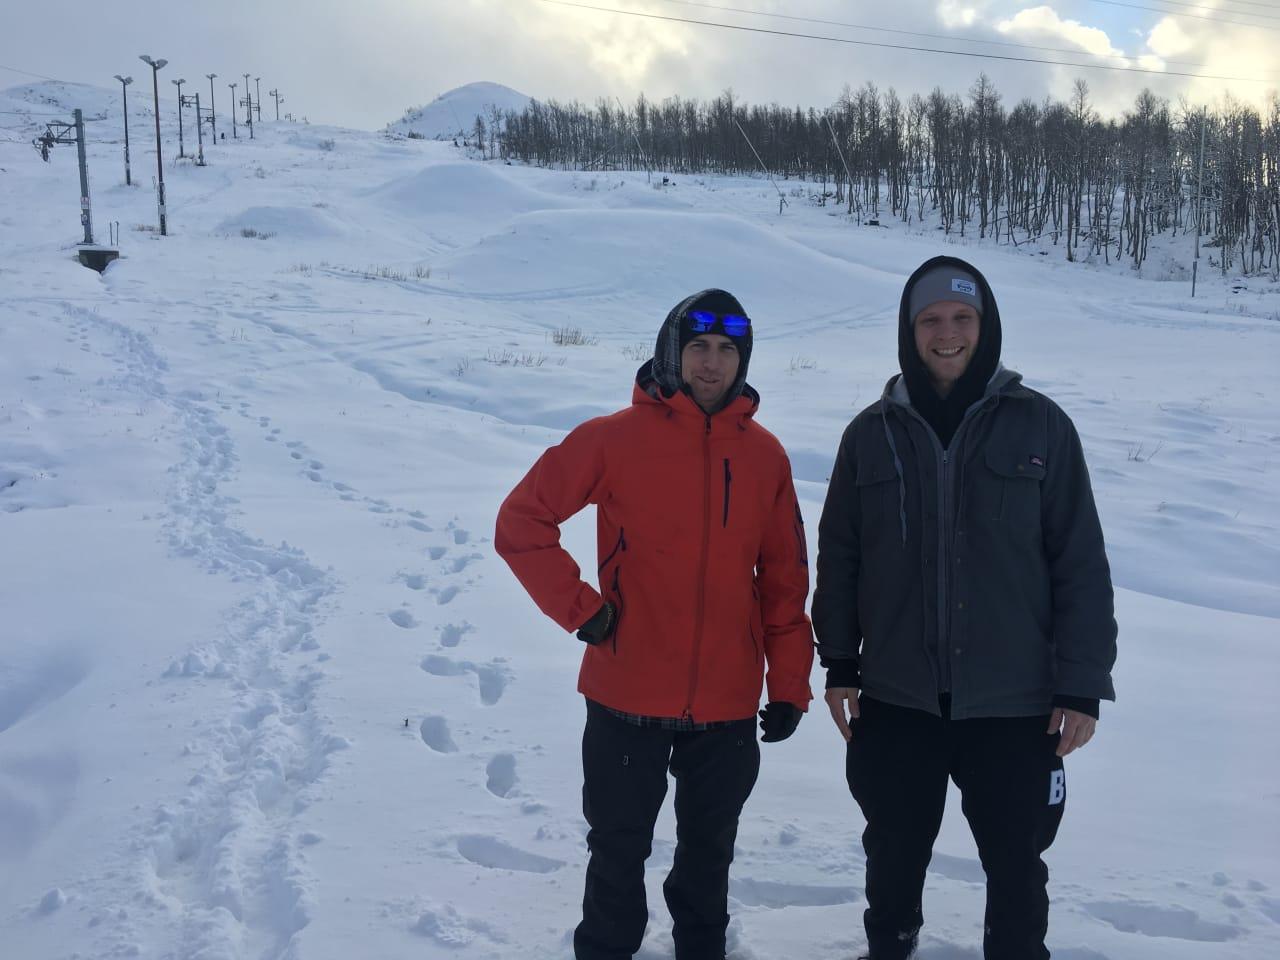 PARKBYGGJARANE: Clint Butcher og Lukas Vesely skal bygge park på Vierli i vinter.